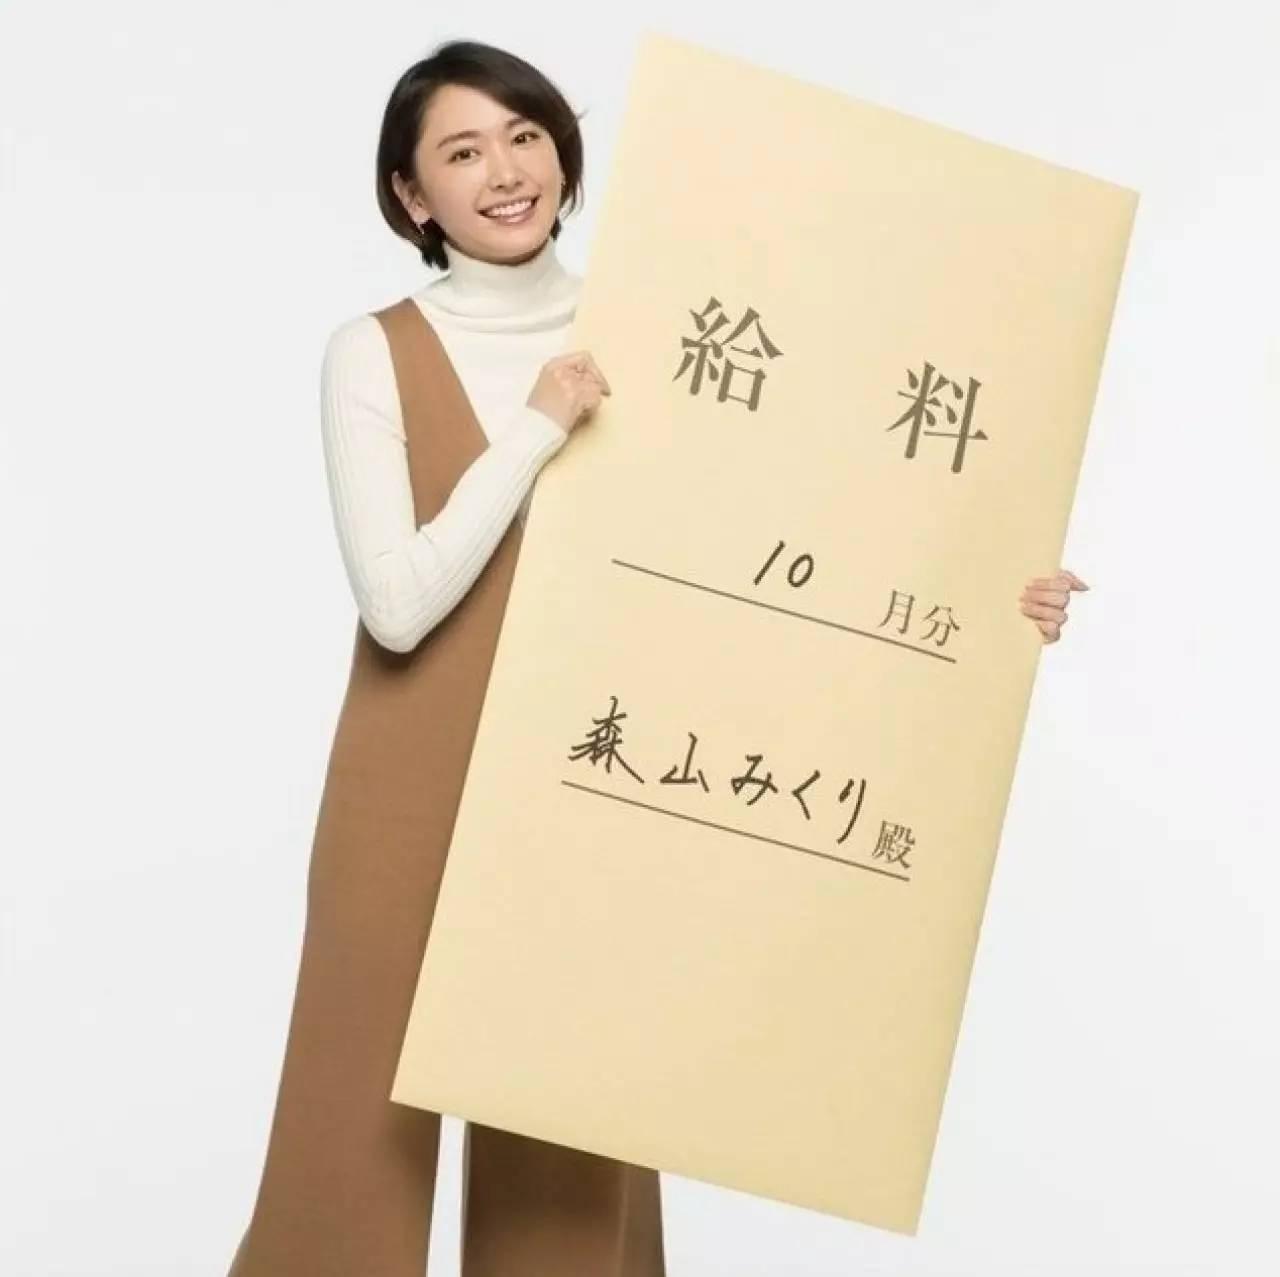 【老公视角】新垣结衣卖萌陪食早餐新片演天才乒乓球手